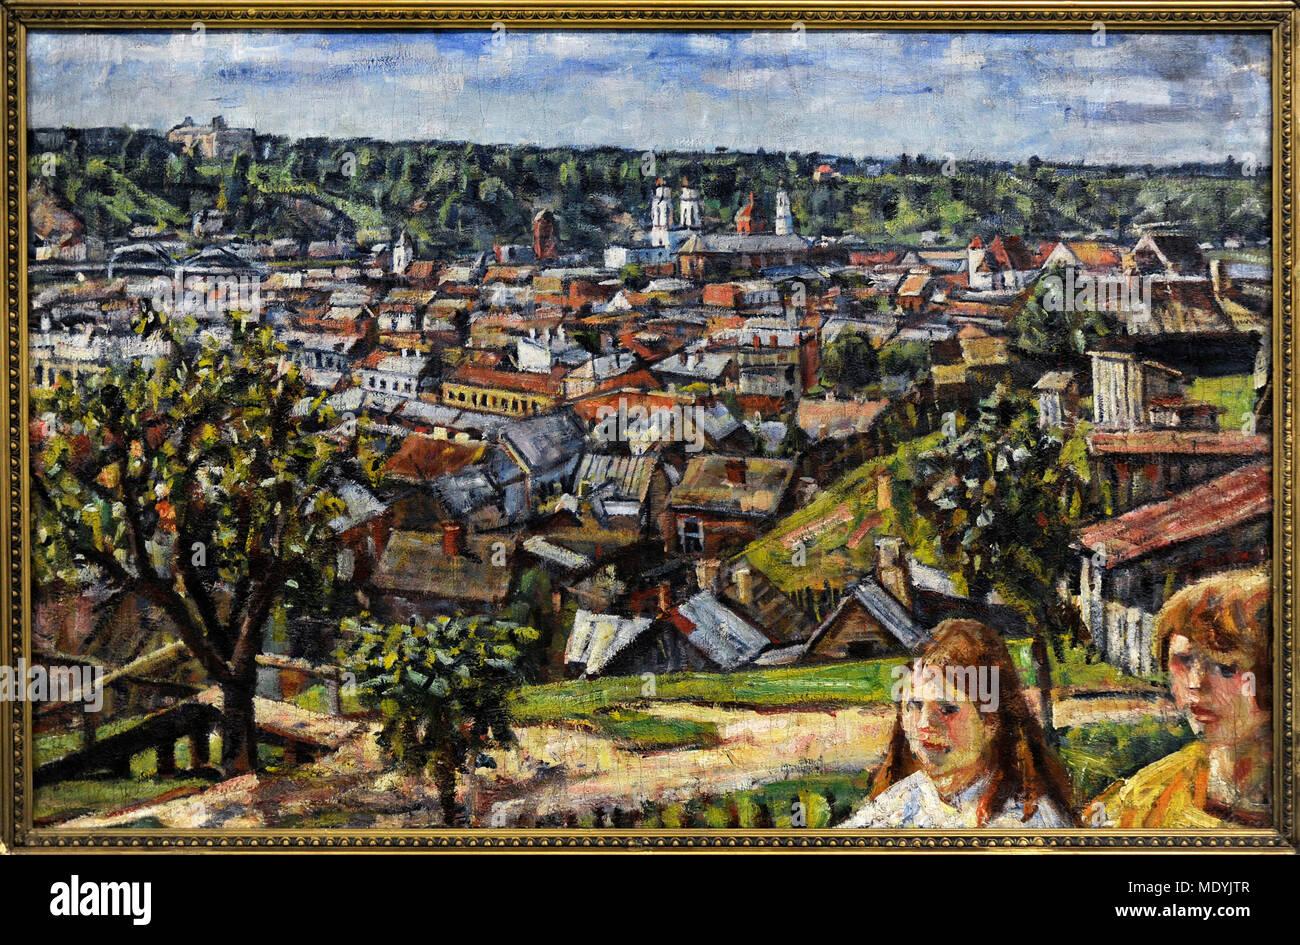 Vladas Eidukevicius (1891-1941). Litauische Maler. Blick auf Kaunas von zaliakalnis Hill, 1933. National Gallery Kunst Vilnius, Litauen. Stockbild